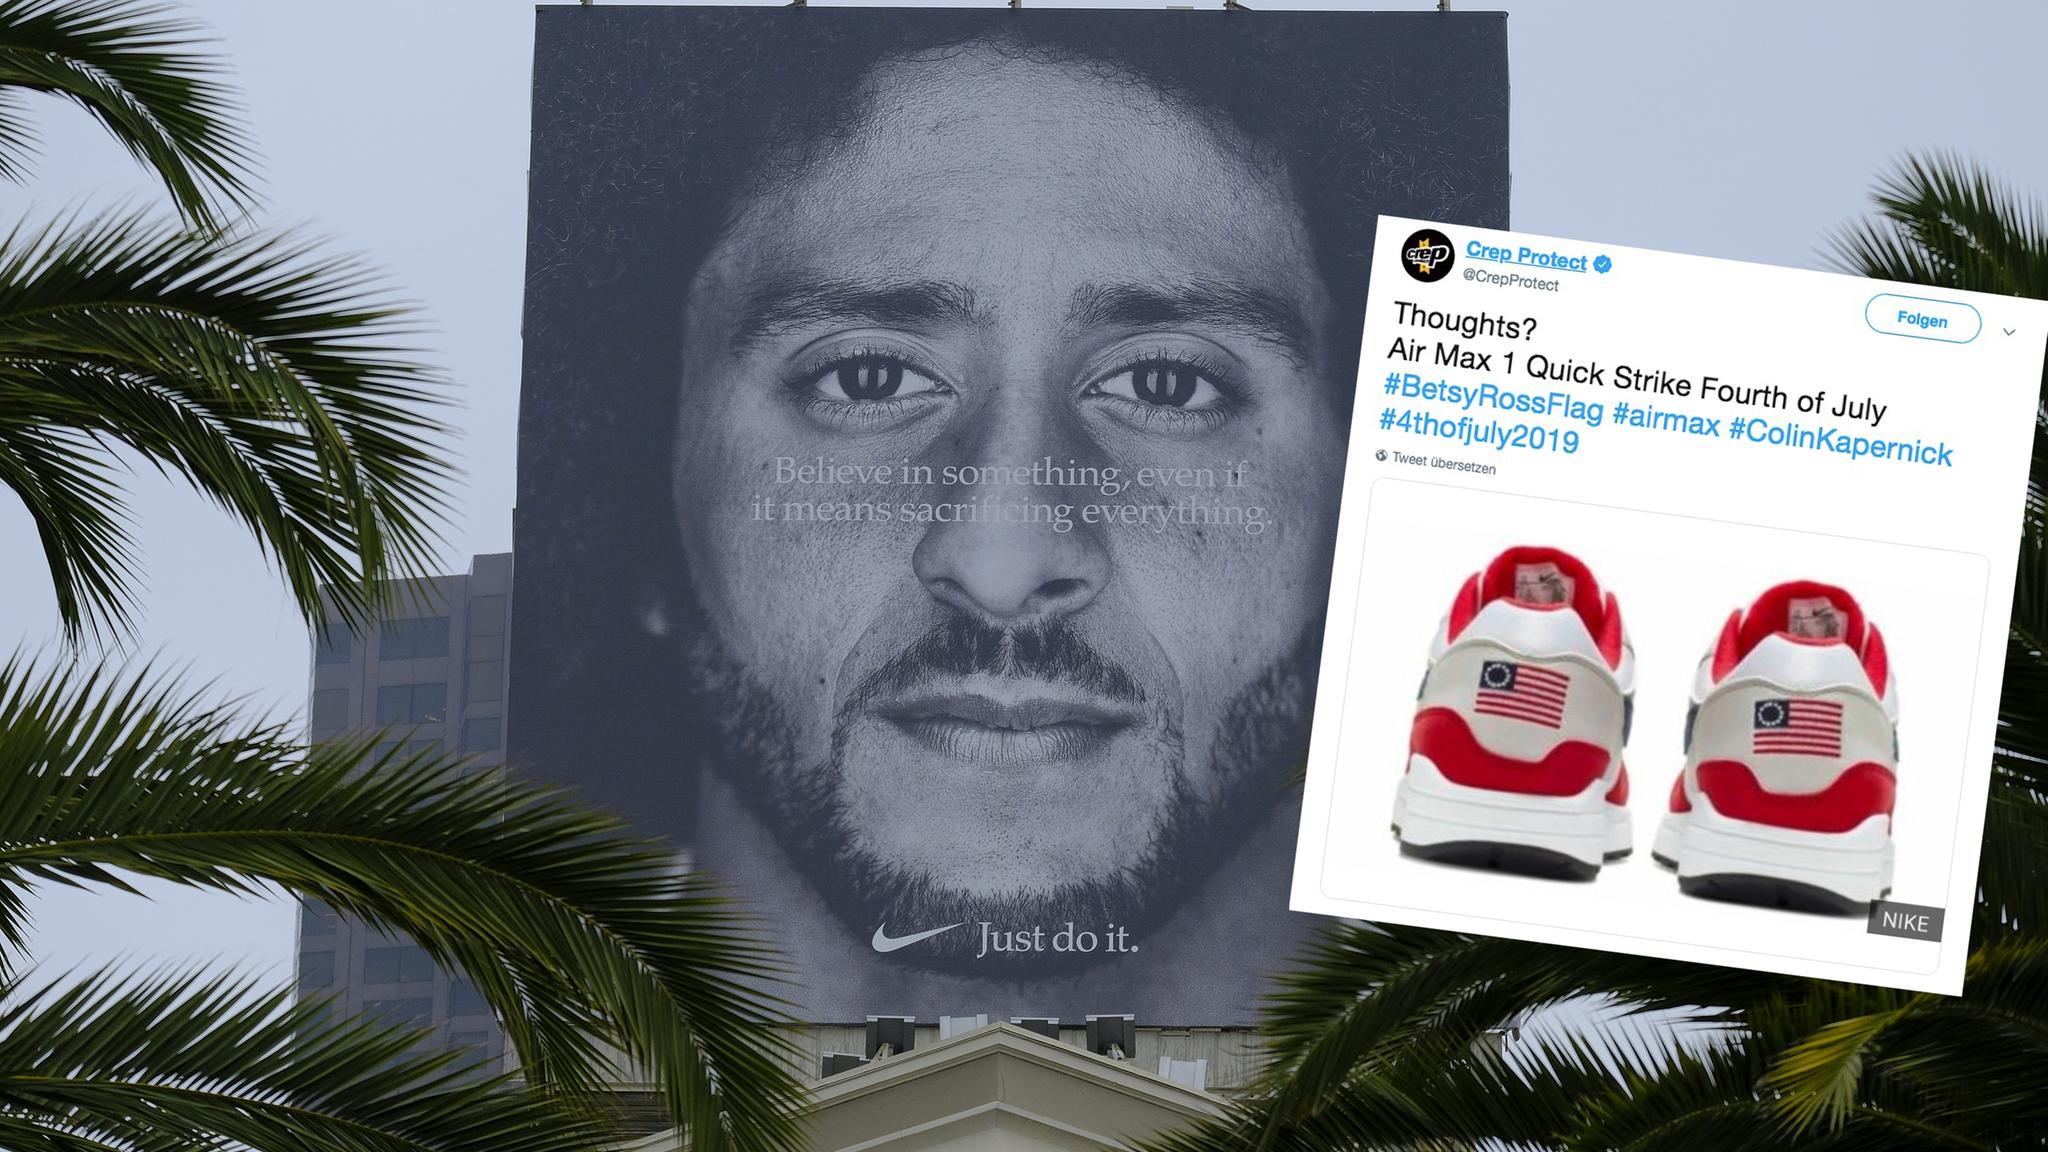 – zieht Ferse Nike Turnschuh der wegen der zurück Flagge auf zVSMqUpG